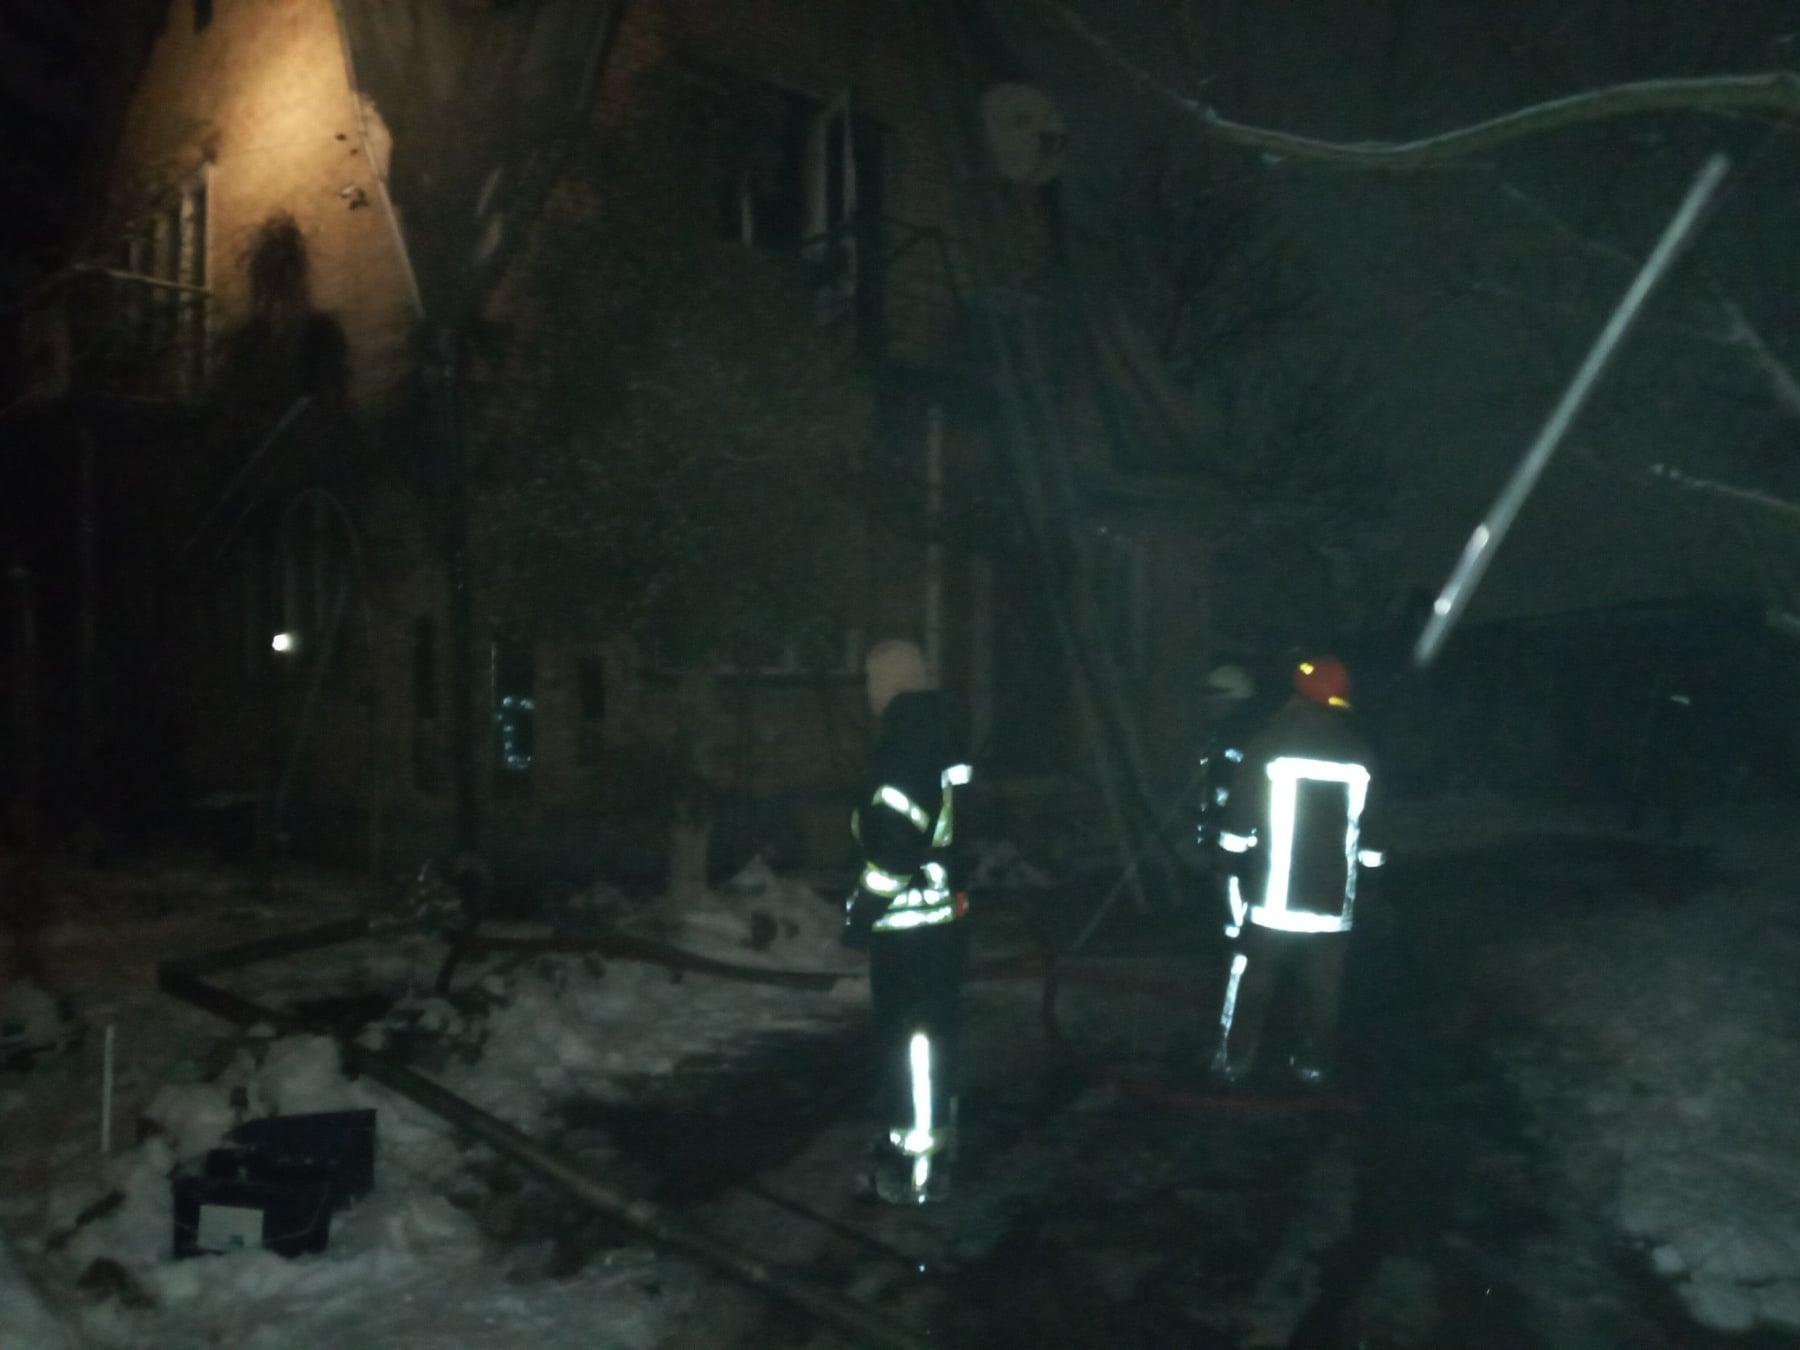 У Гостомелі горіла мансарда: дітей і дорослих вчасно евакуювали - пожежа будинку, ірпінські рятувальники, Гостомельська ОТГ - Gost Lisova